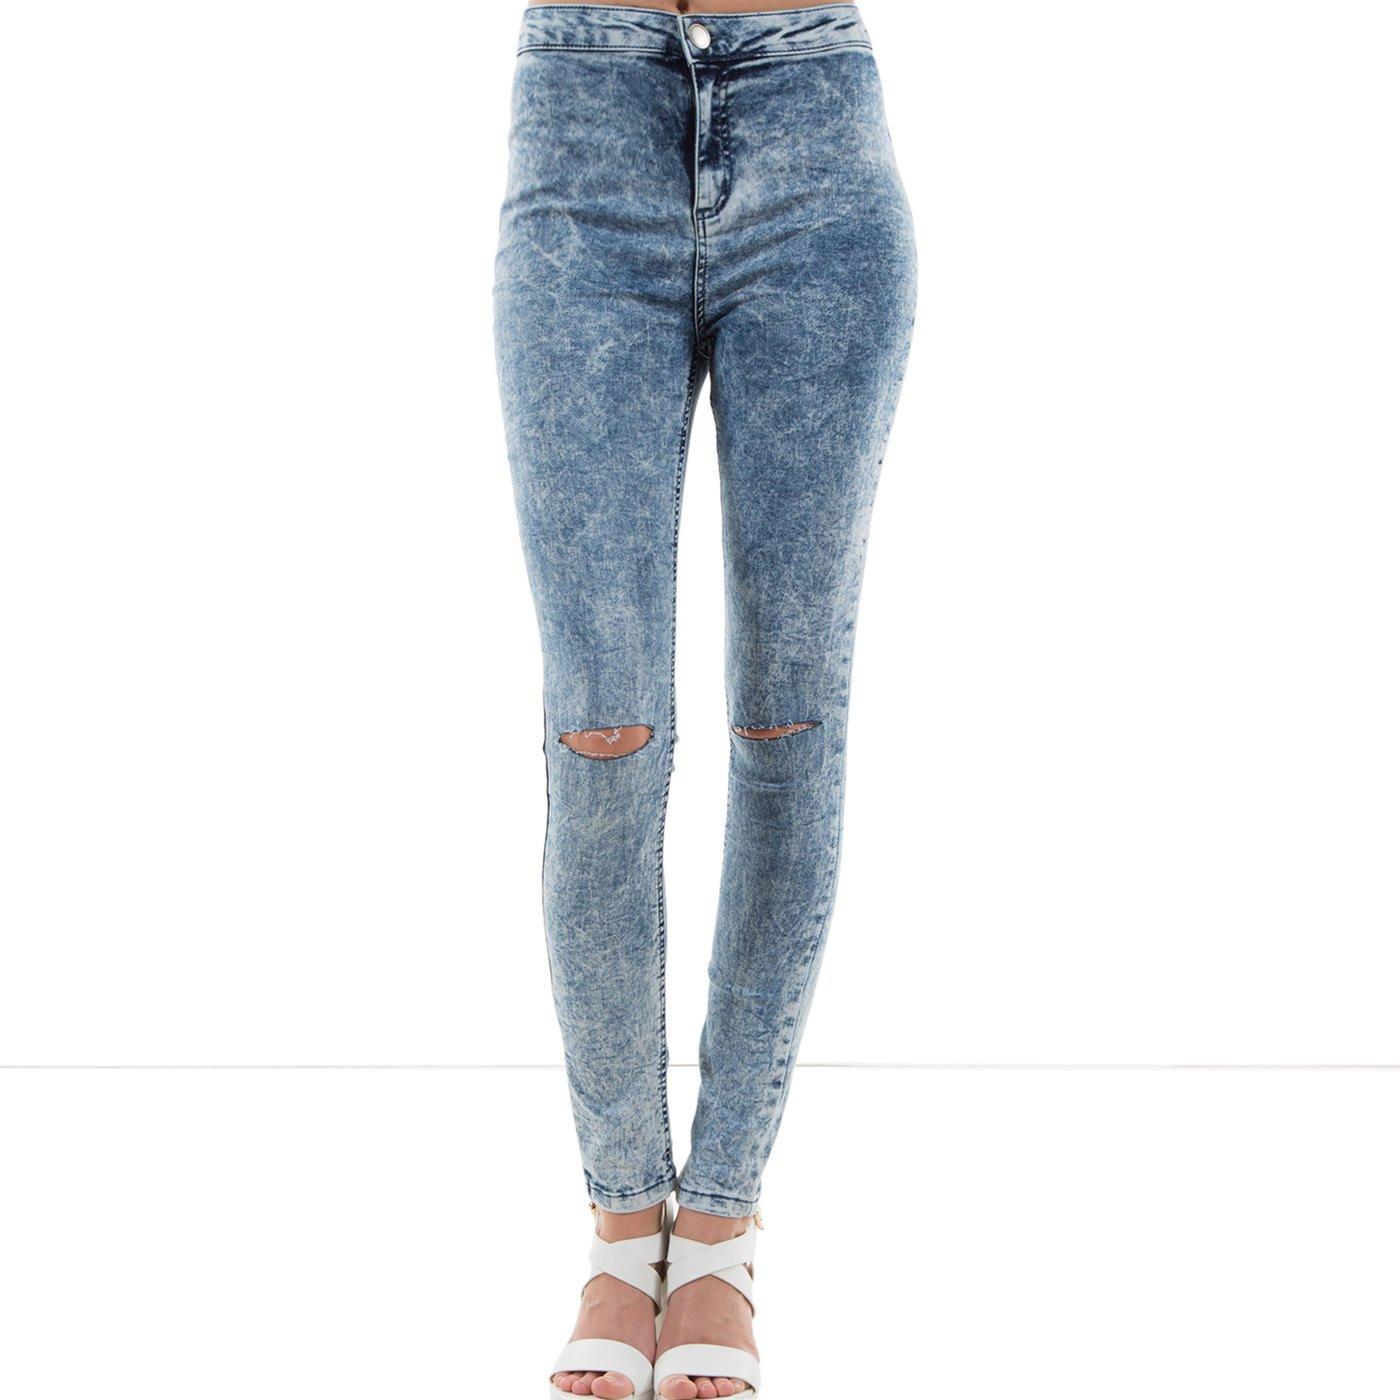 J'offre le jean parfait avec jean-femme.tech